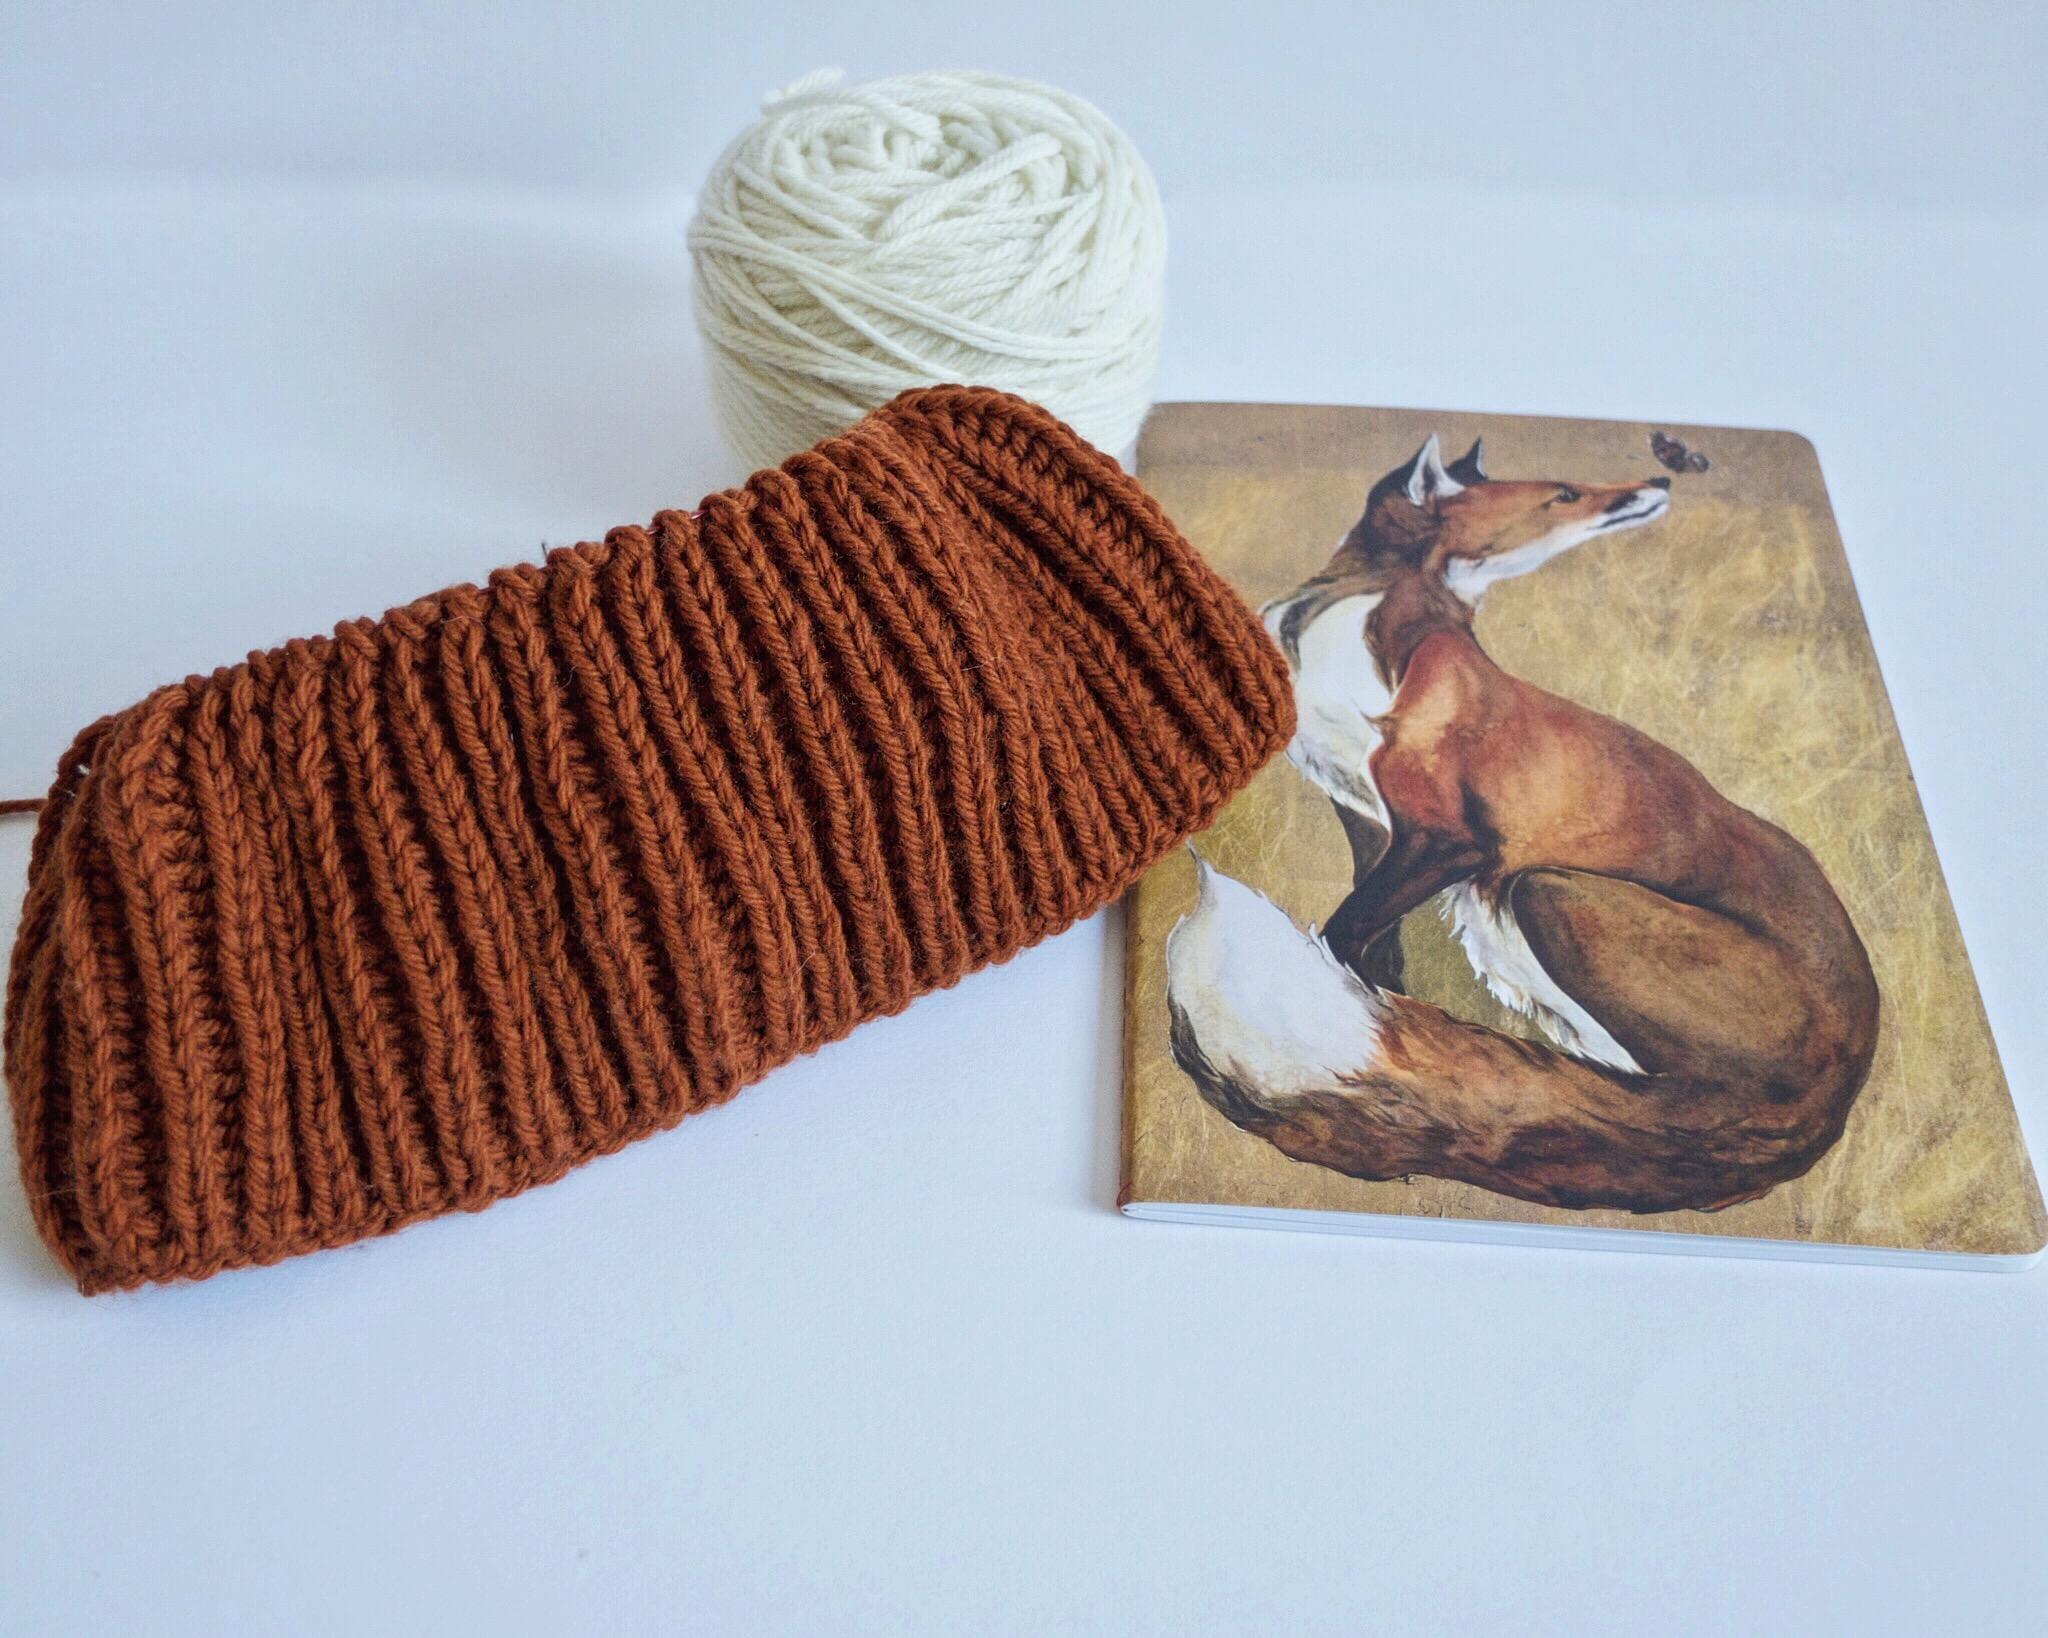 Brioche stitch hat with Mr fox